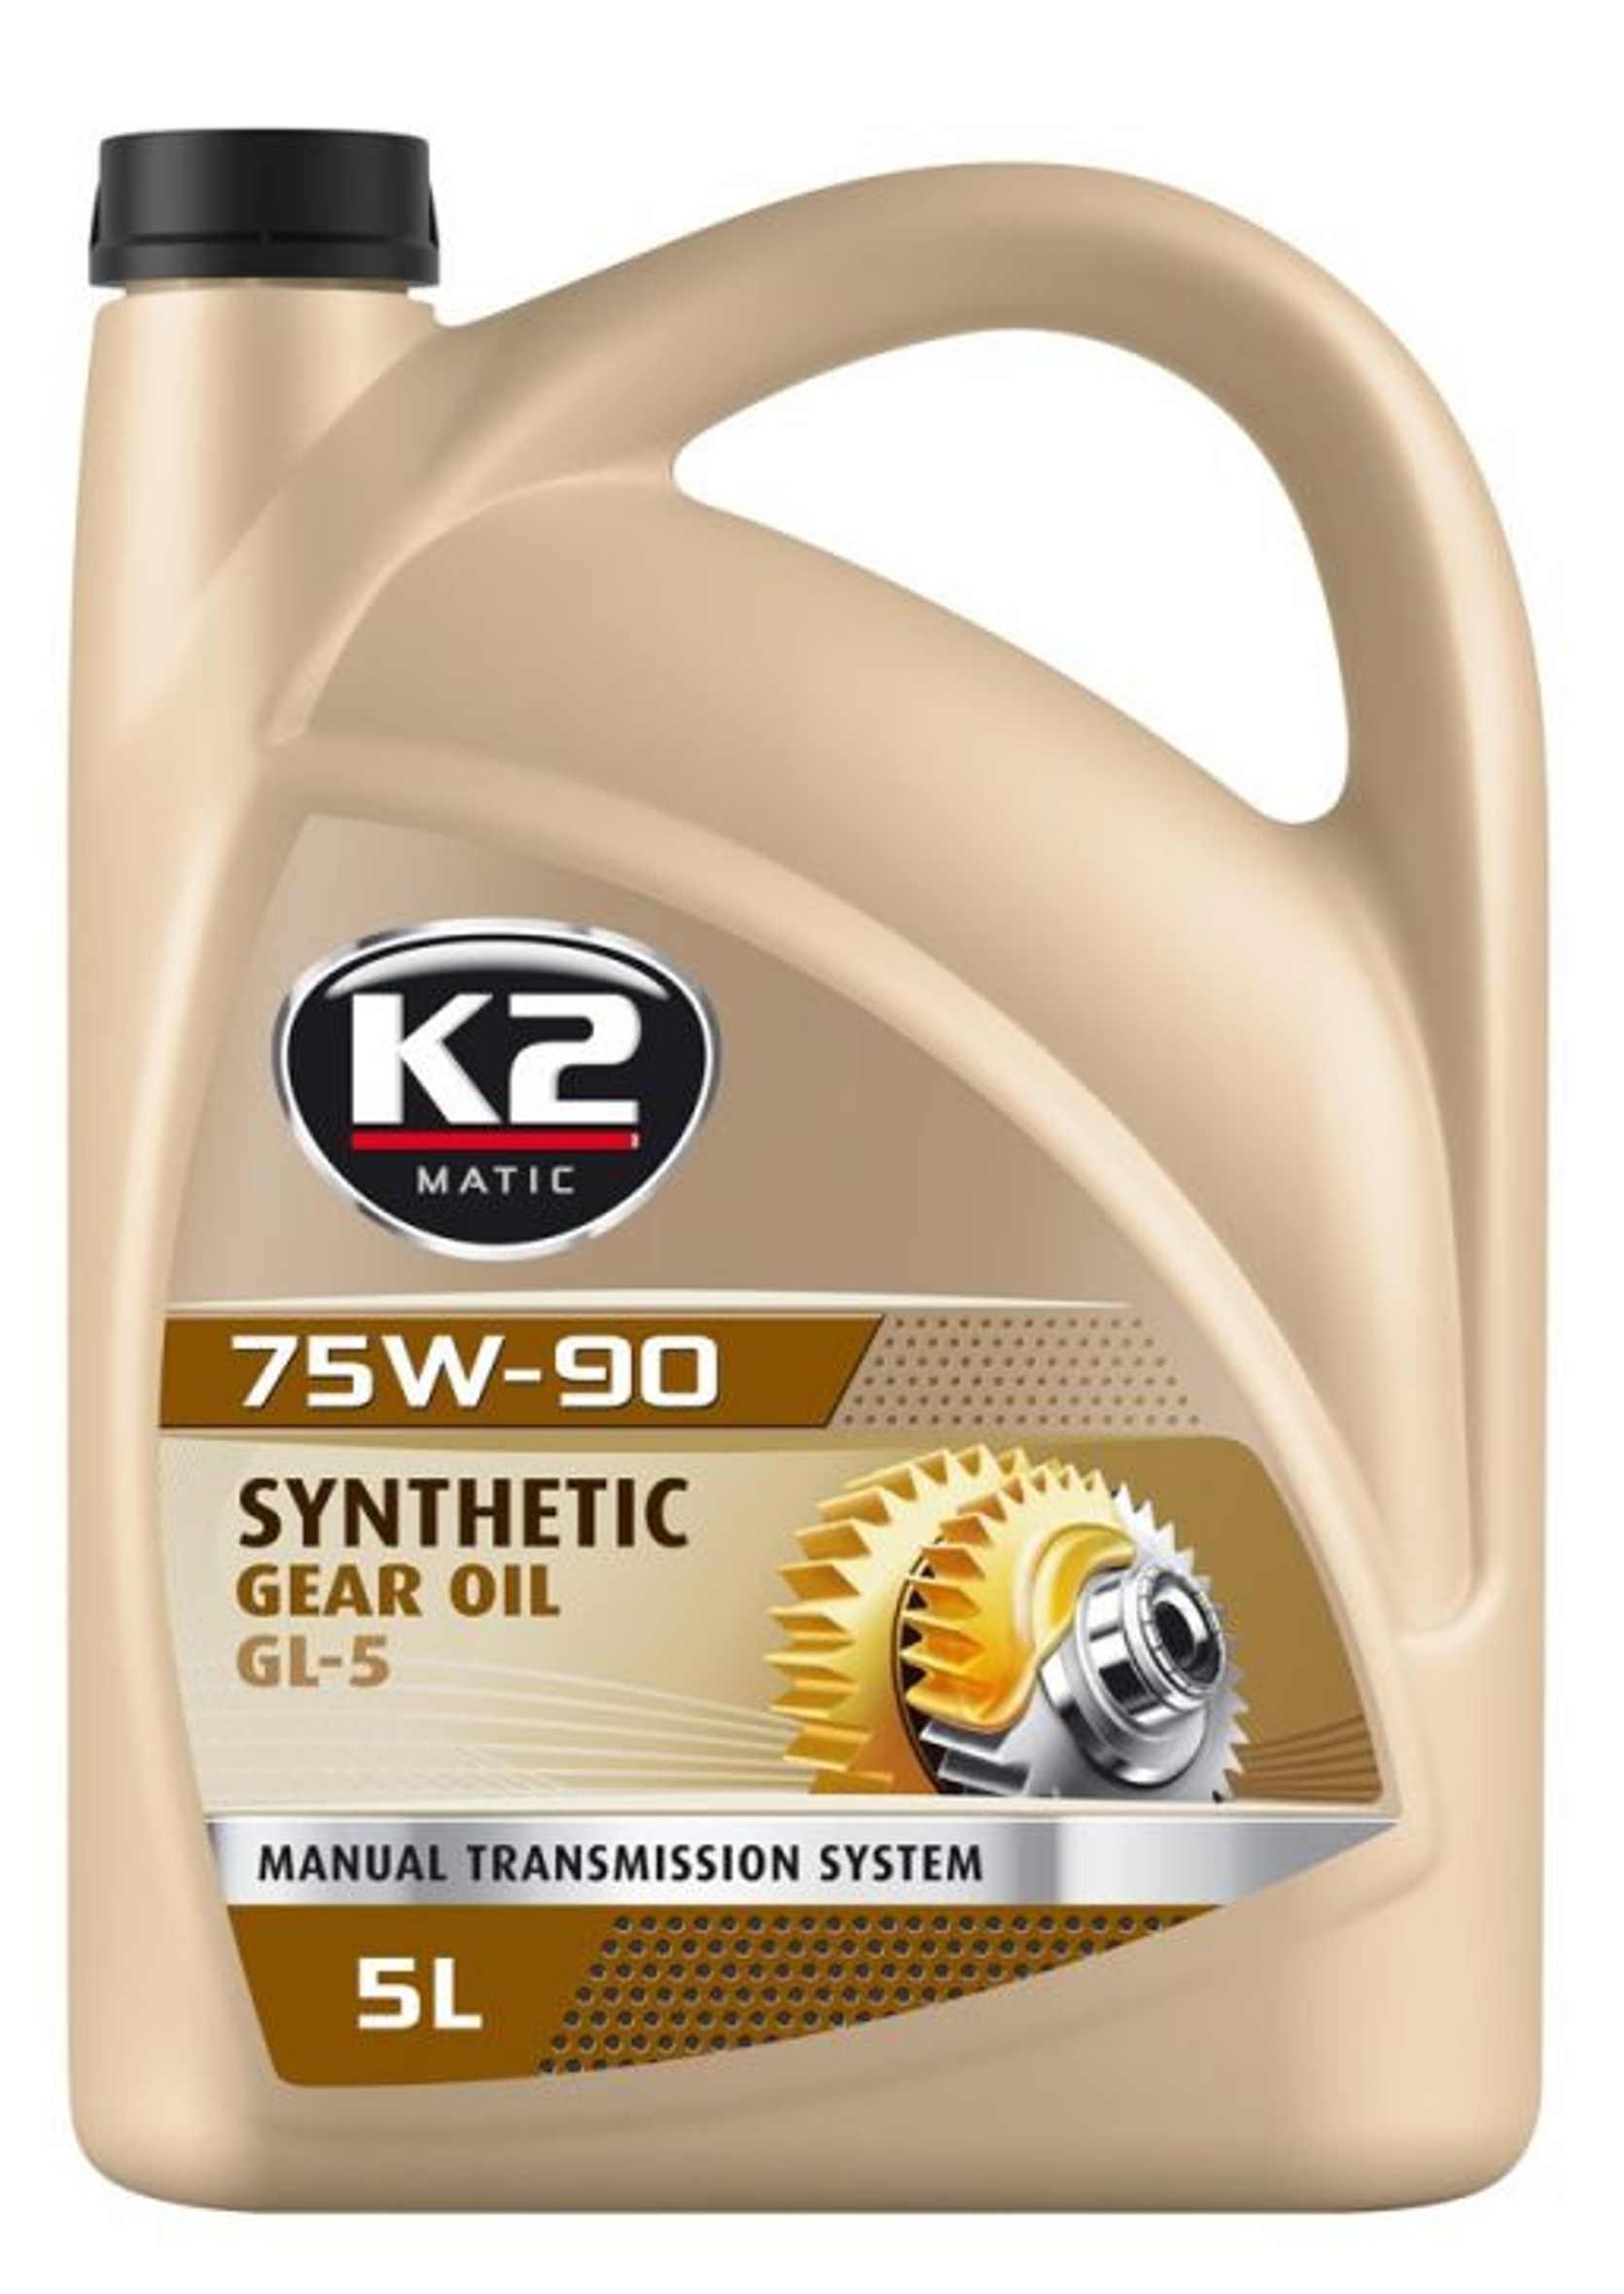 Olej Przekładniowy K2 75W90 Syntetyczny 5L